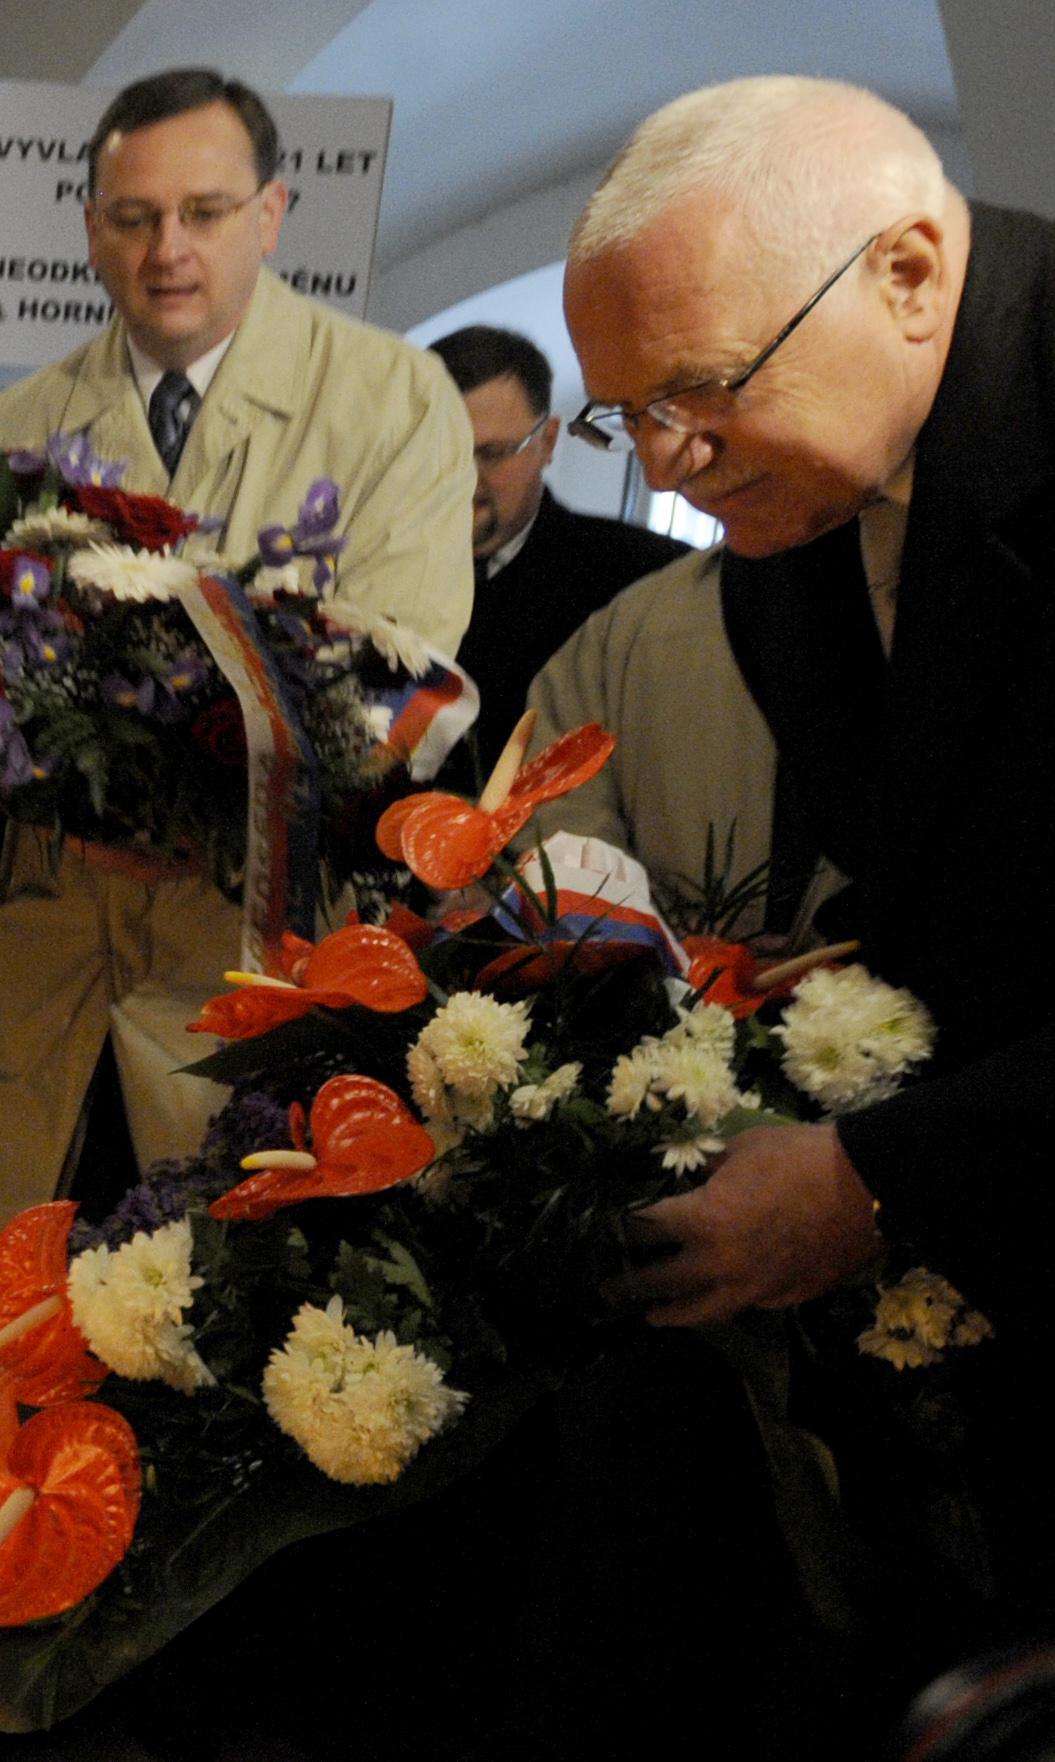 Prezident Václav Klaus a premiér Petr Nečas se zúčastnili vzpomínkového aktu u pamětní desky 17. listopadu 1989